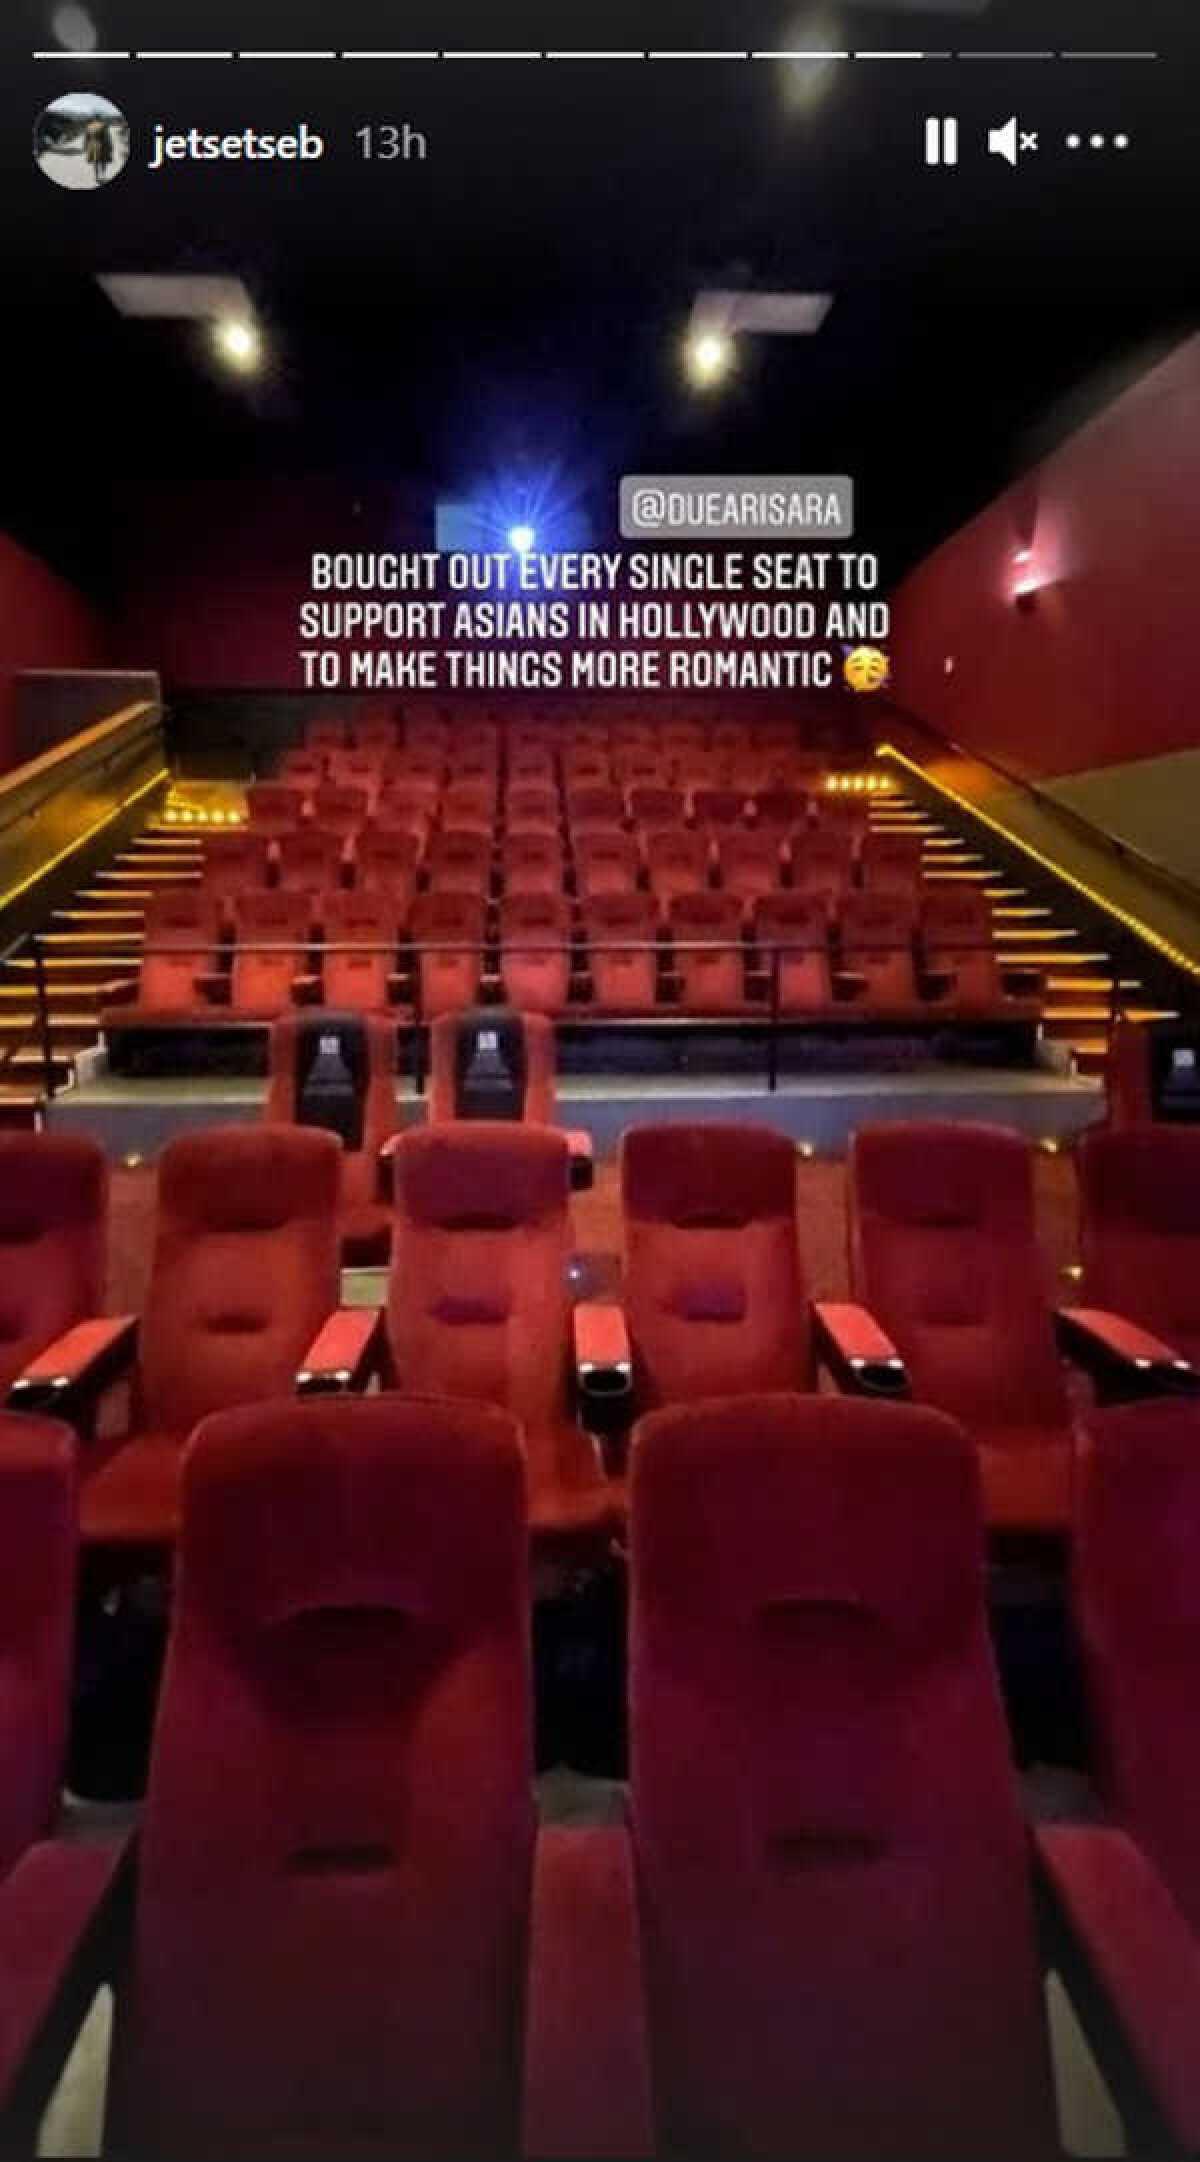 ดิว อริสรา ยิ้มแก้มปริ! หลัง เซบาสเตียน ลี ปิดโรงหนังที่อเมริกา สวีทแค่สองเรา